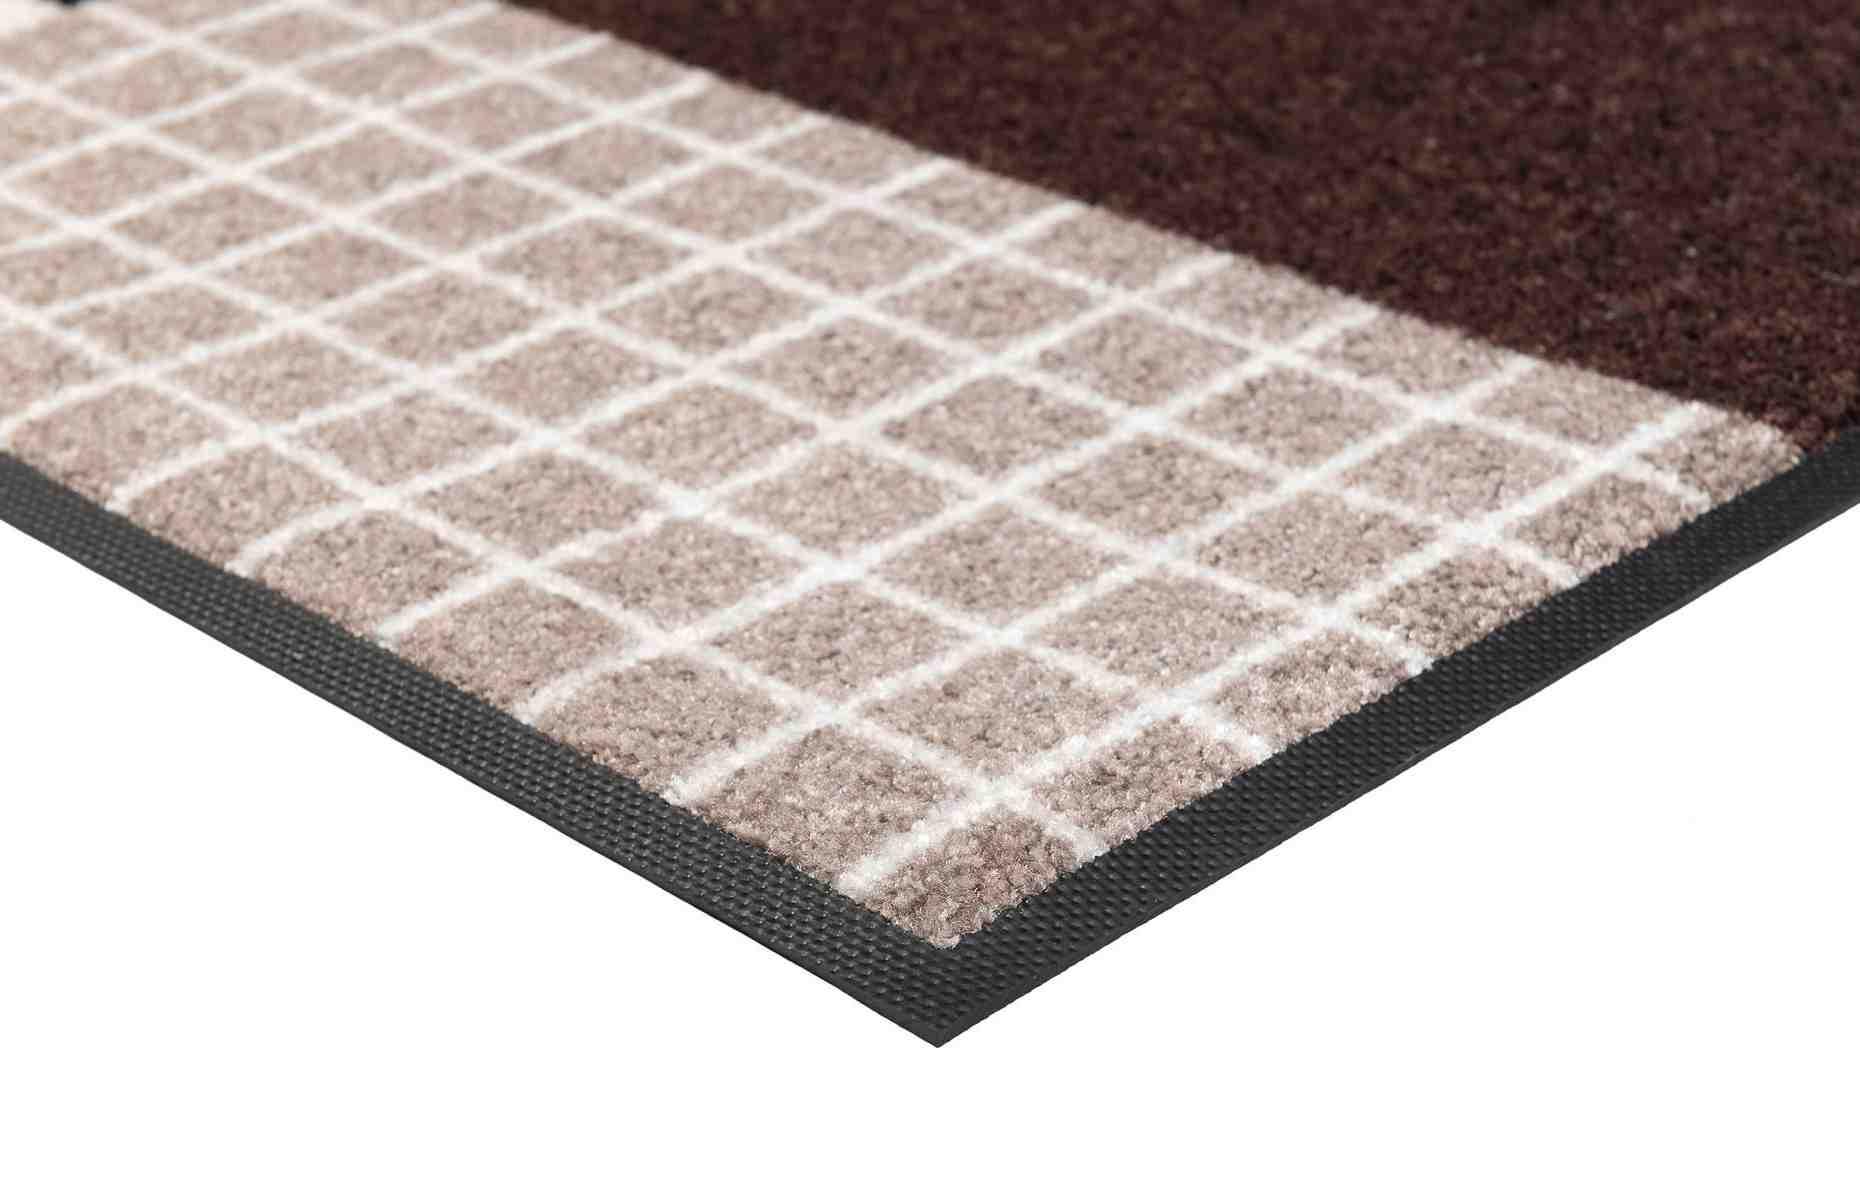 Quel tapis de sol pour Hiit ?